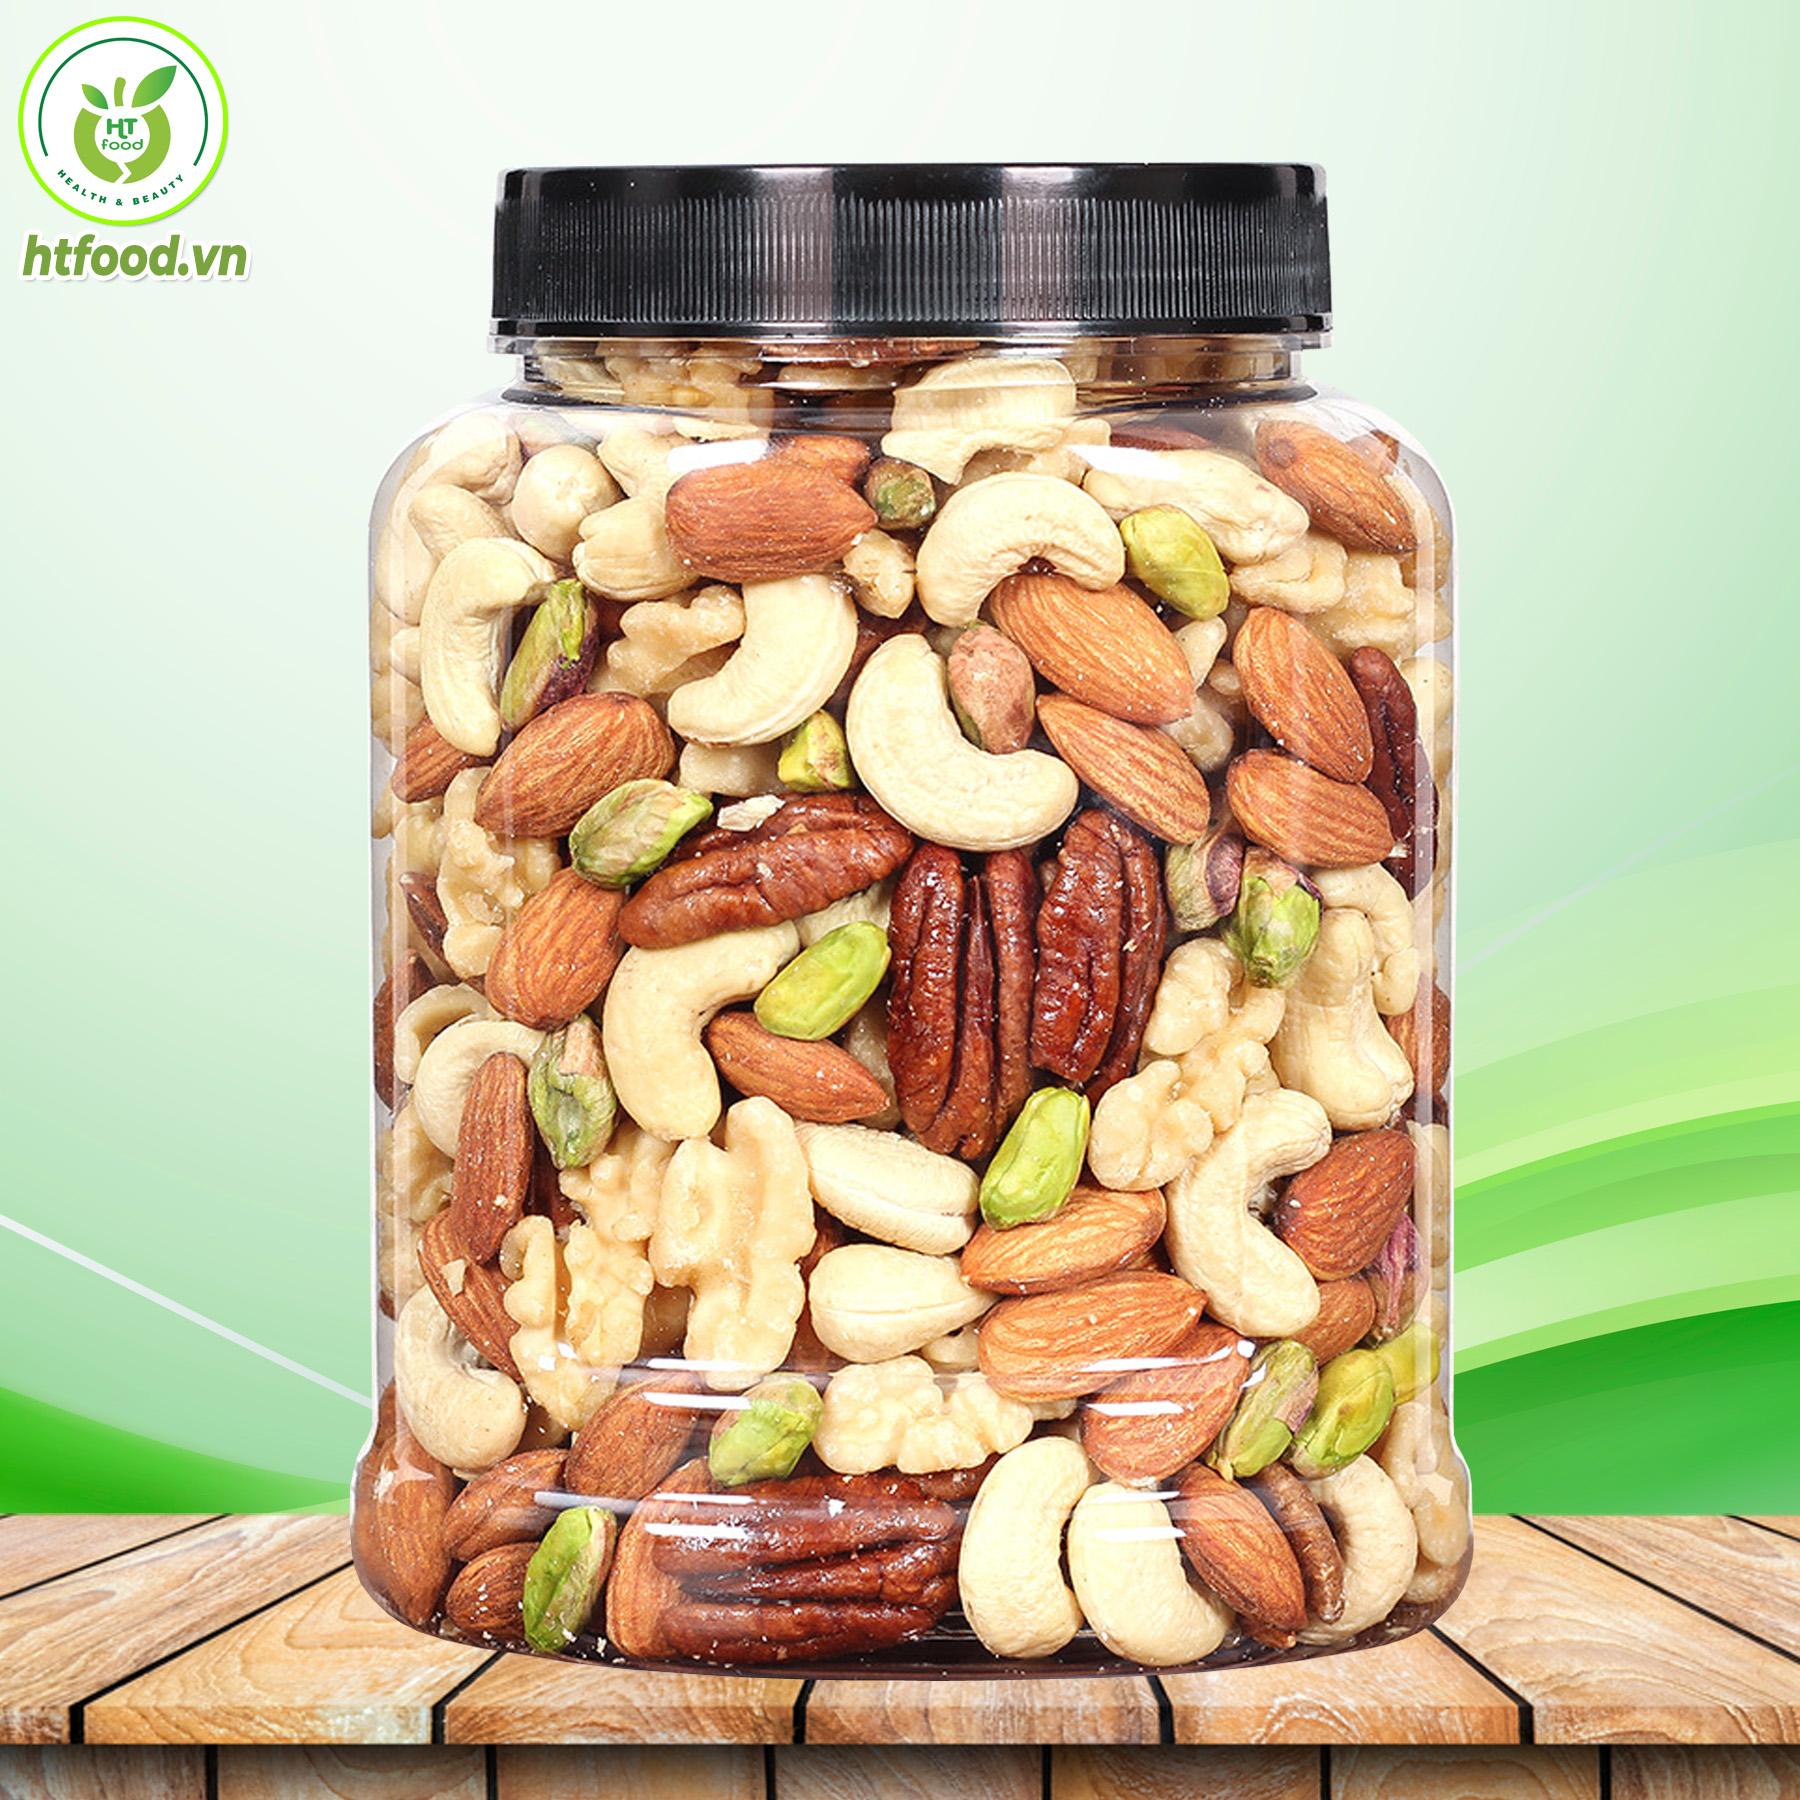 Mua các loại hạt dinh dưỡng ở đâu uy tín?